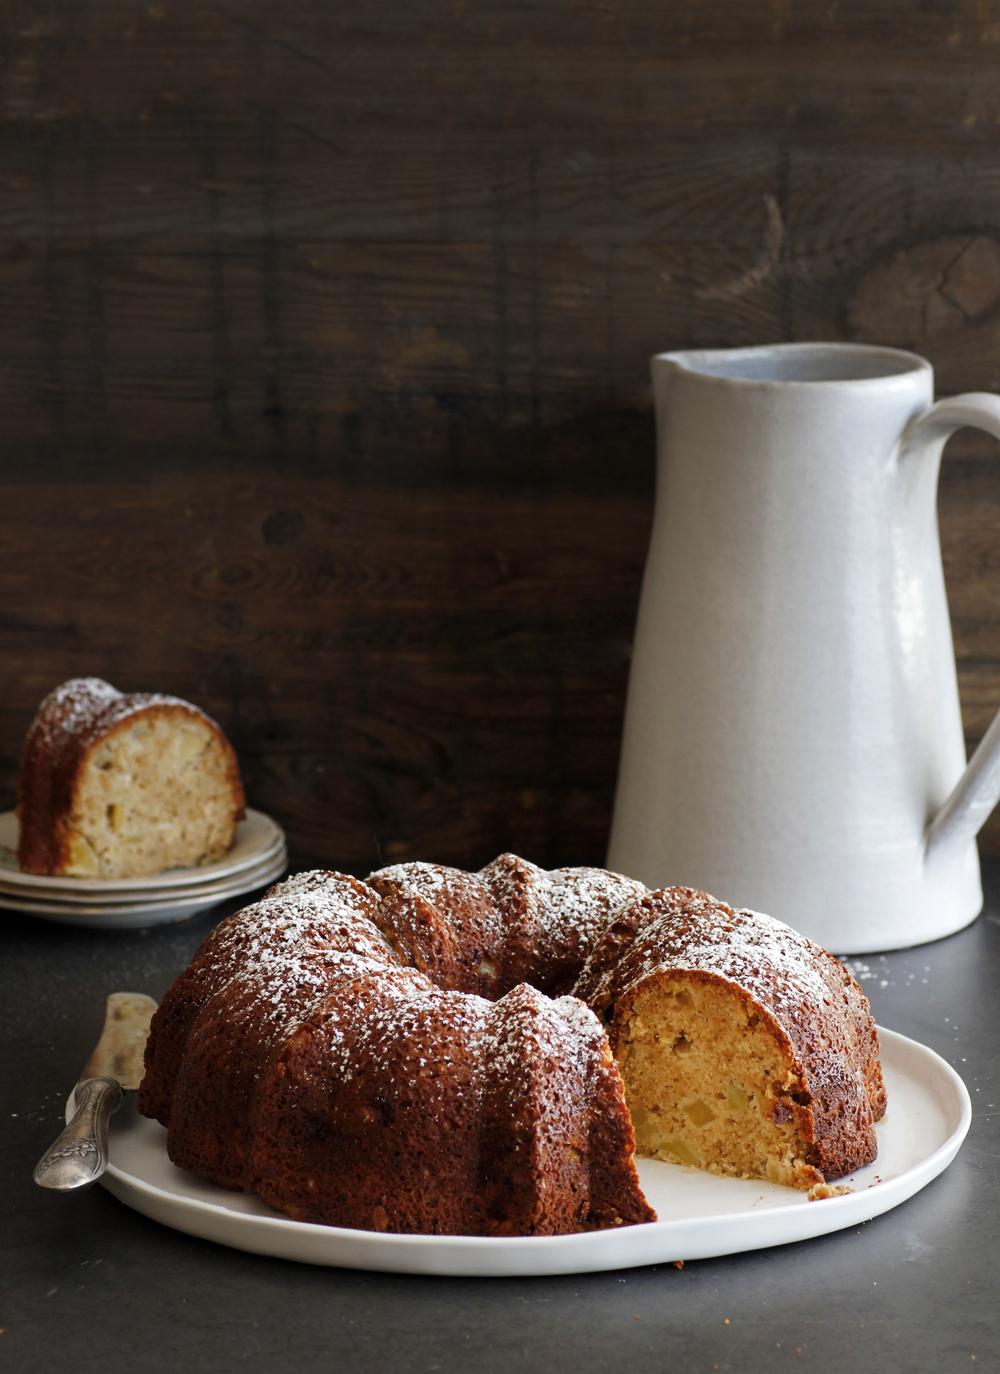 עוגת תפוחים, טחינה ושיבולת שועל